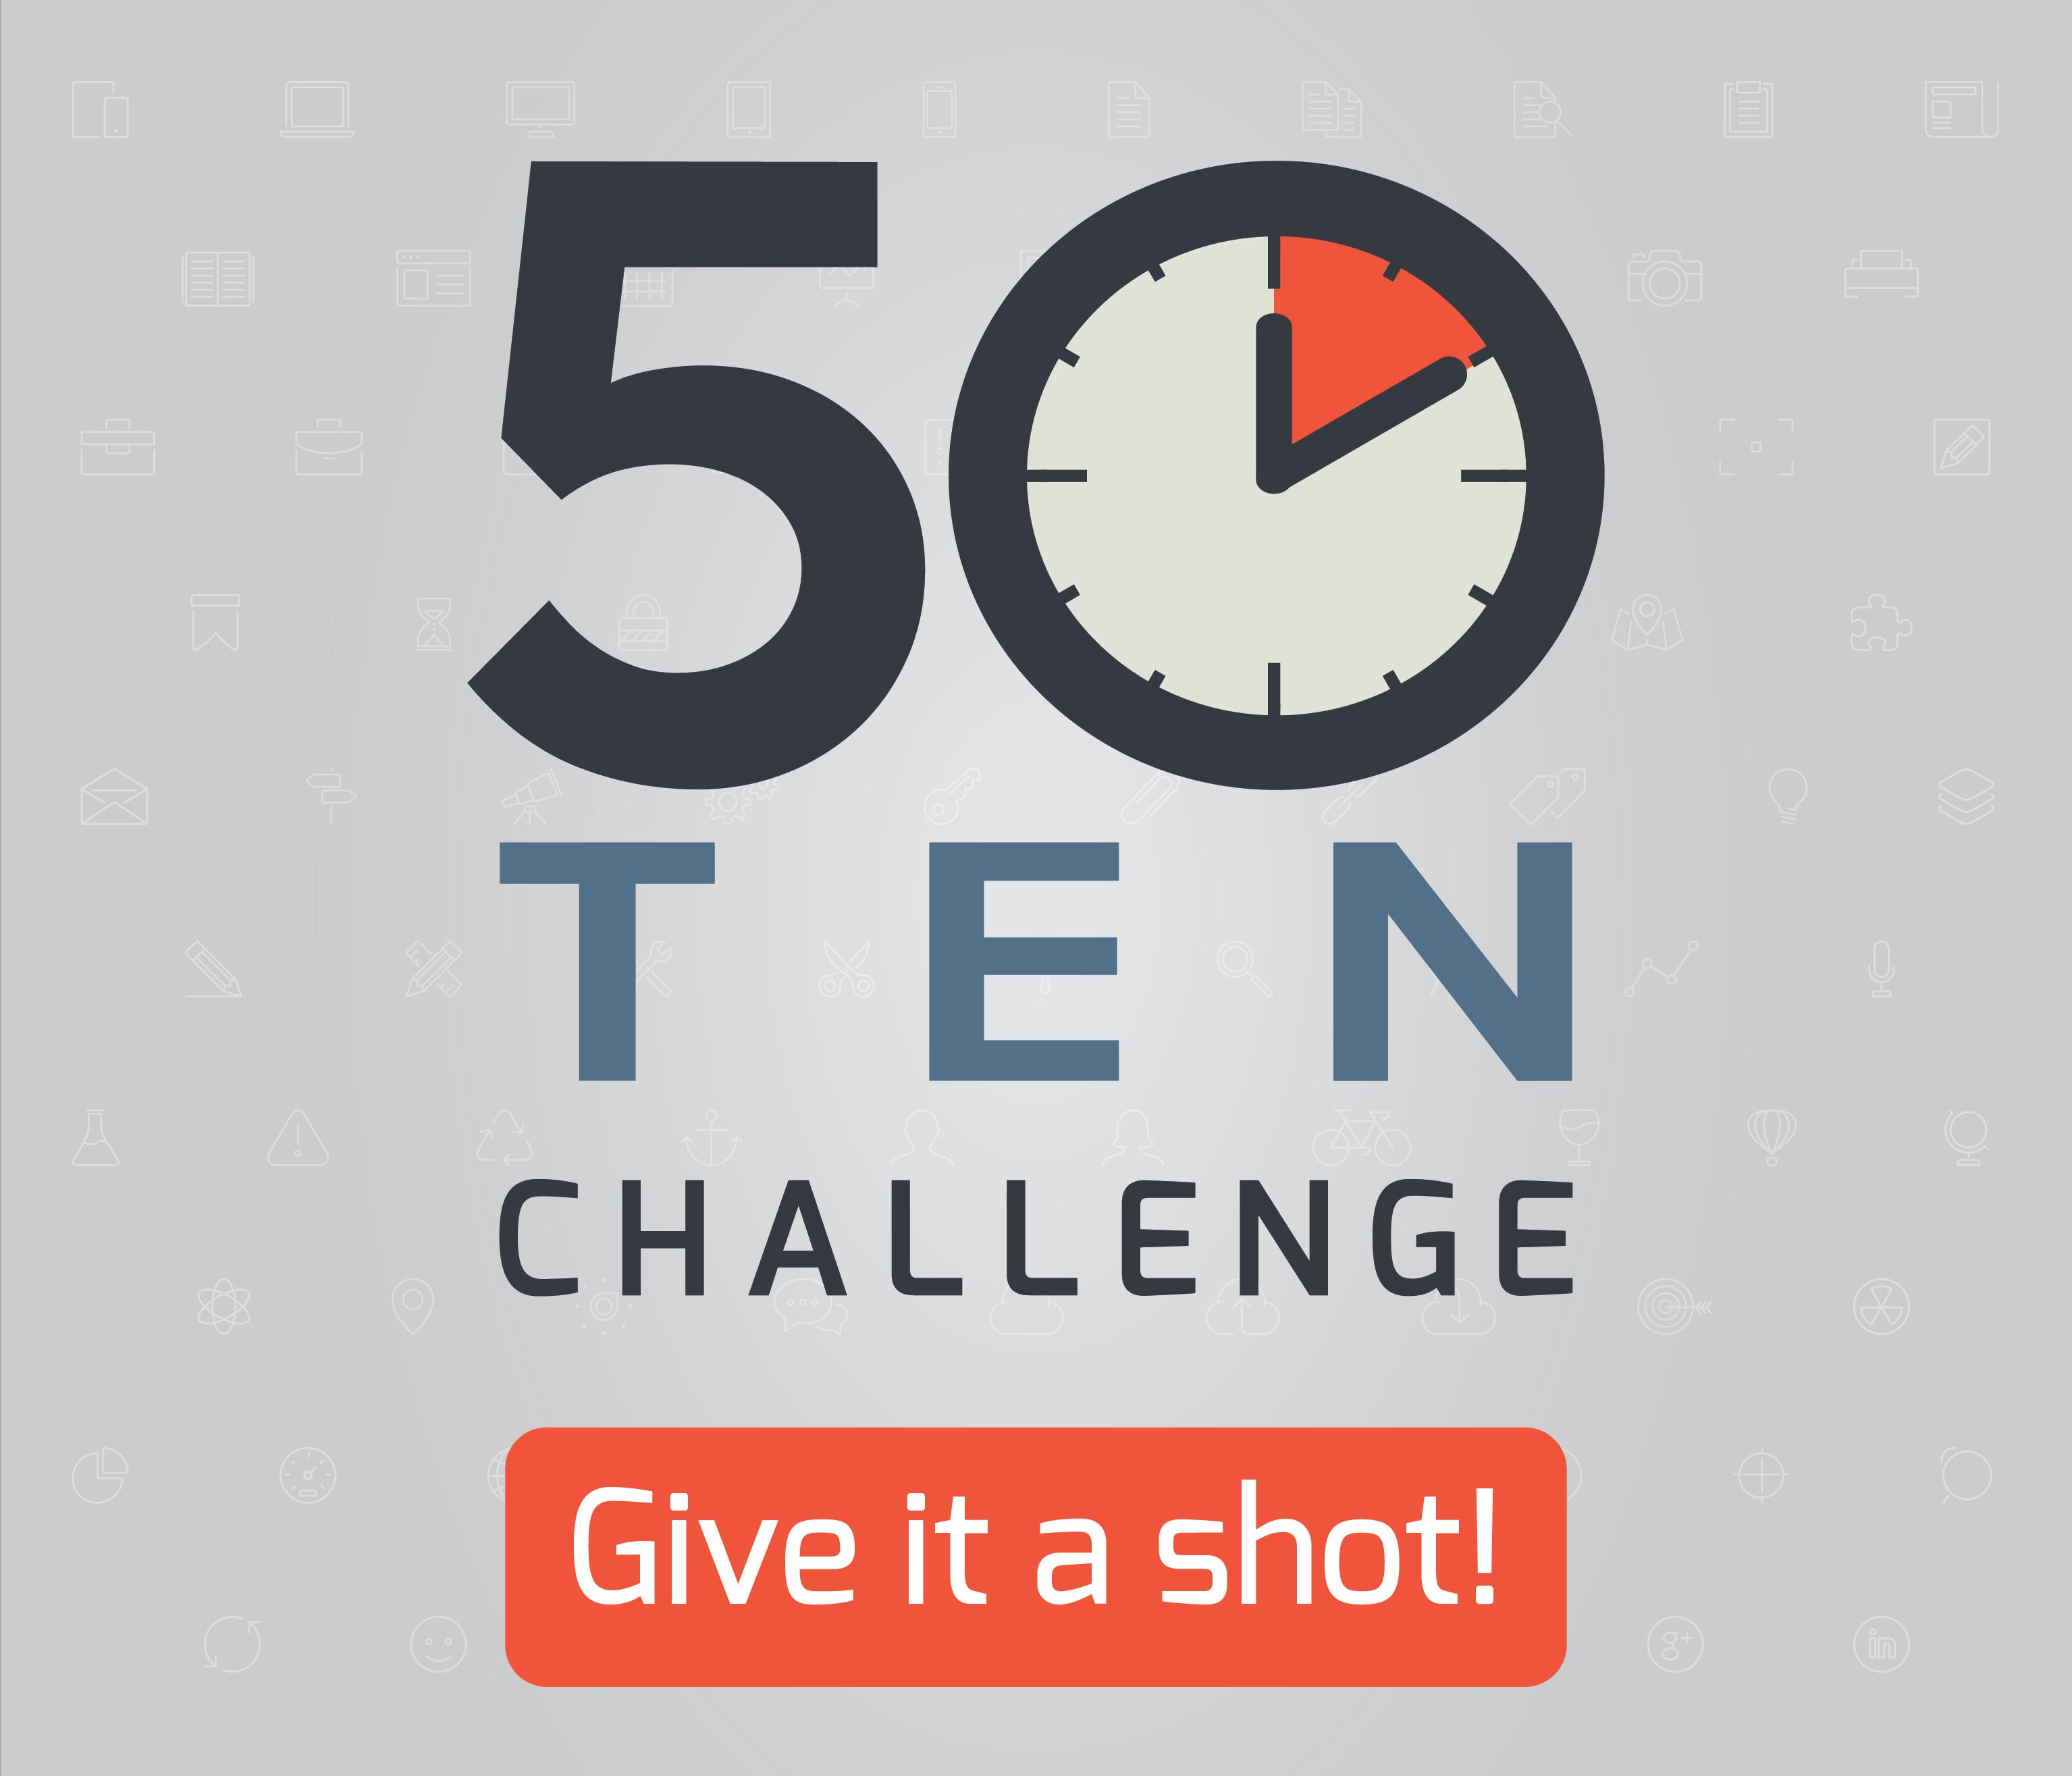 50 ten challenge hatch 1000 Four